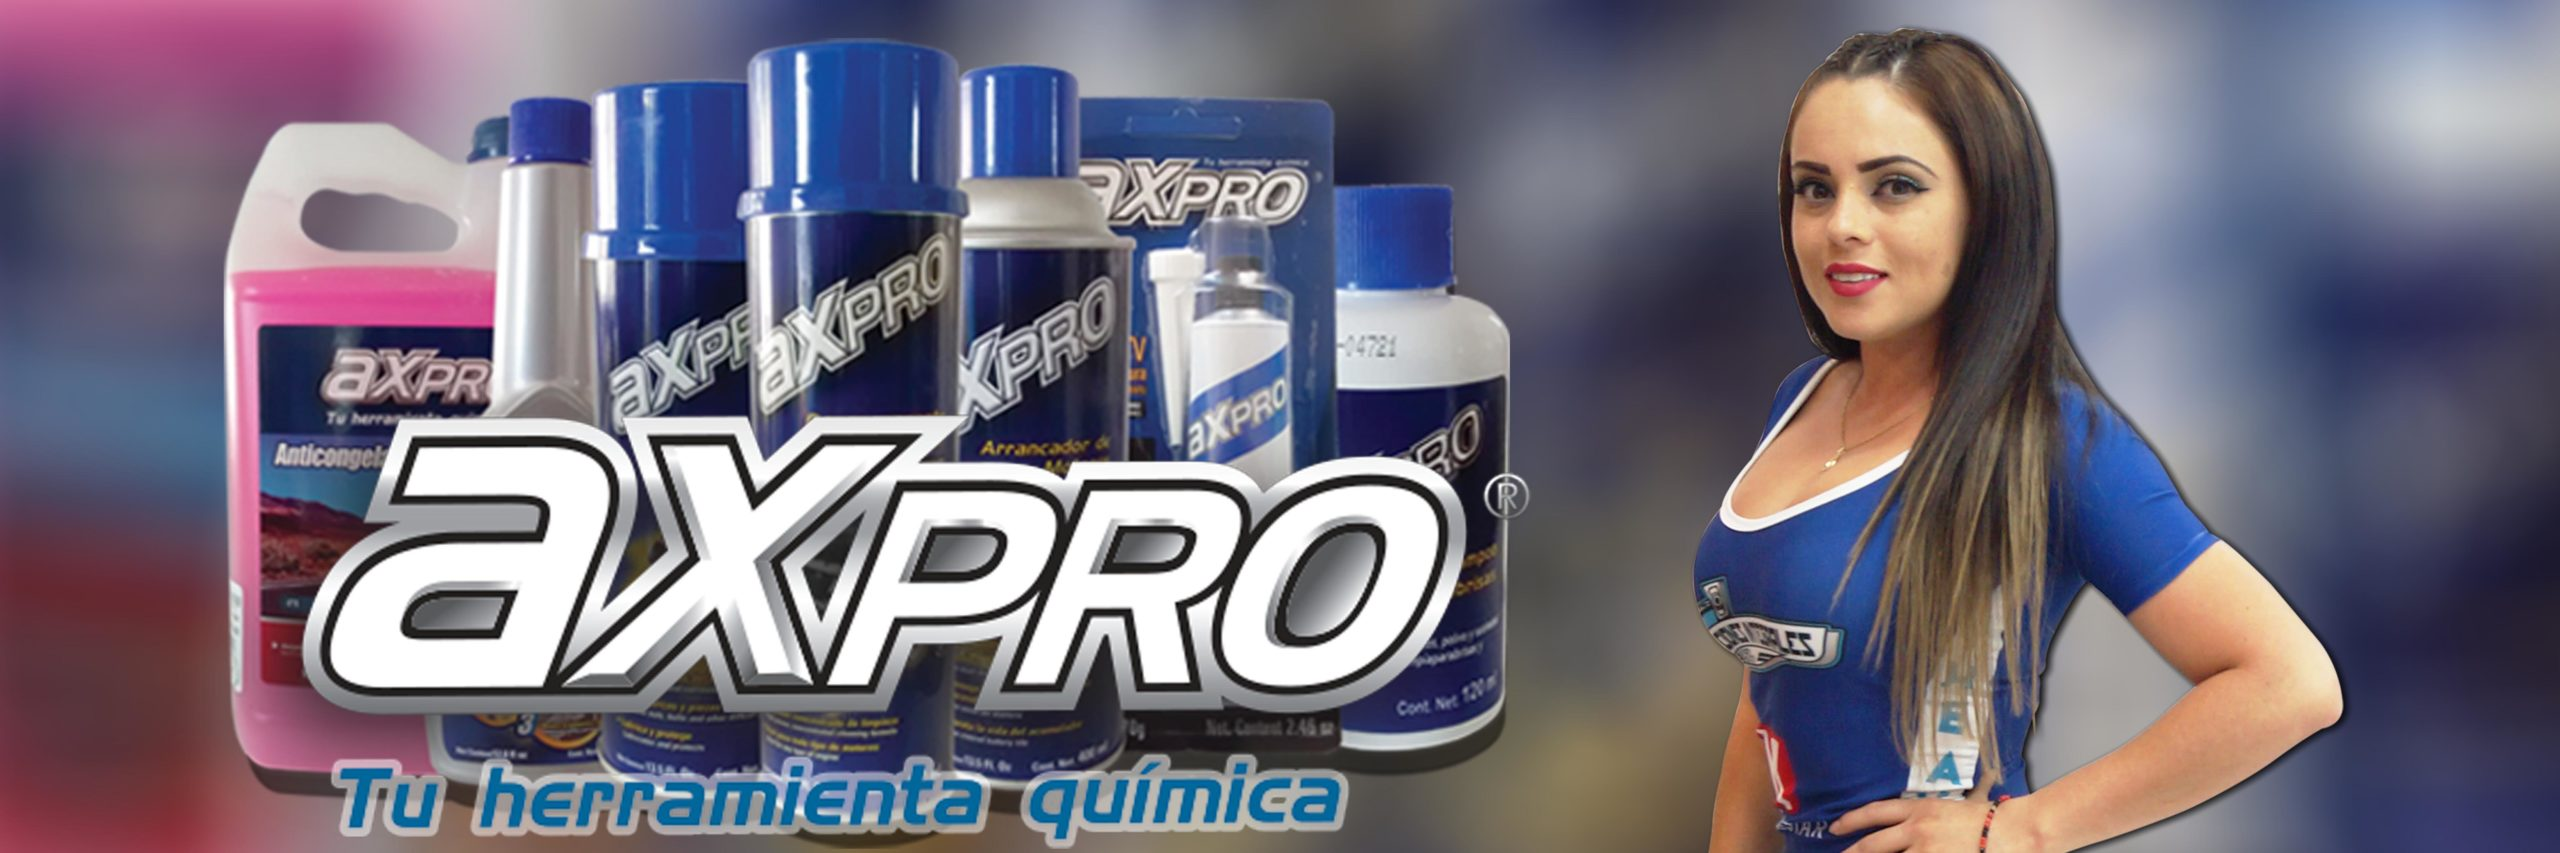 PORTADA axpro